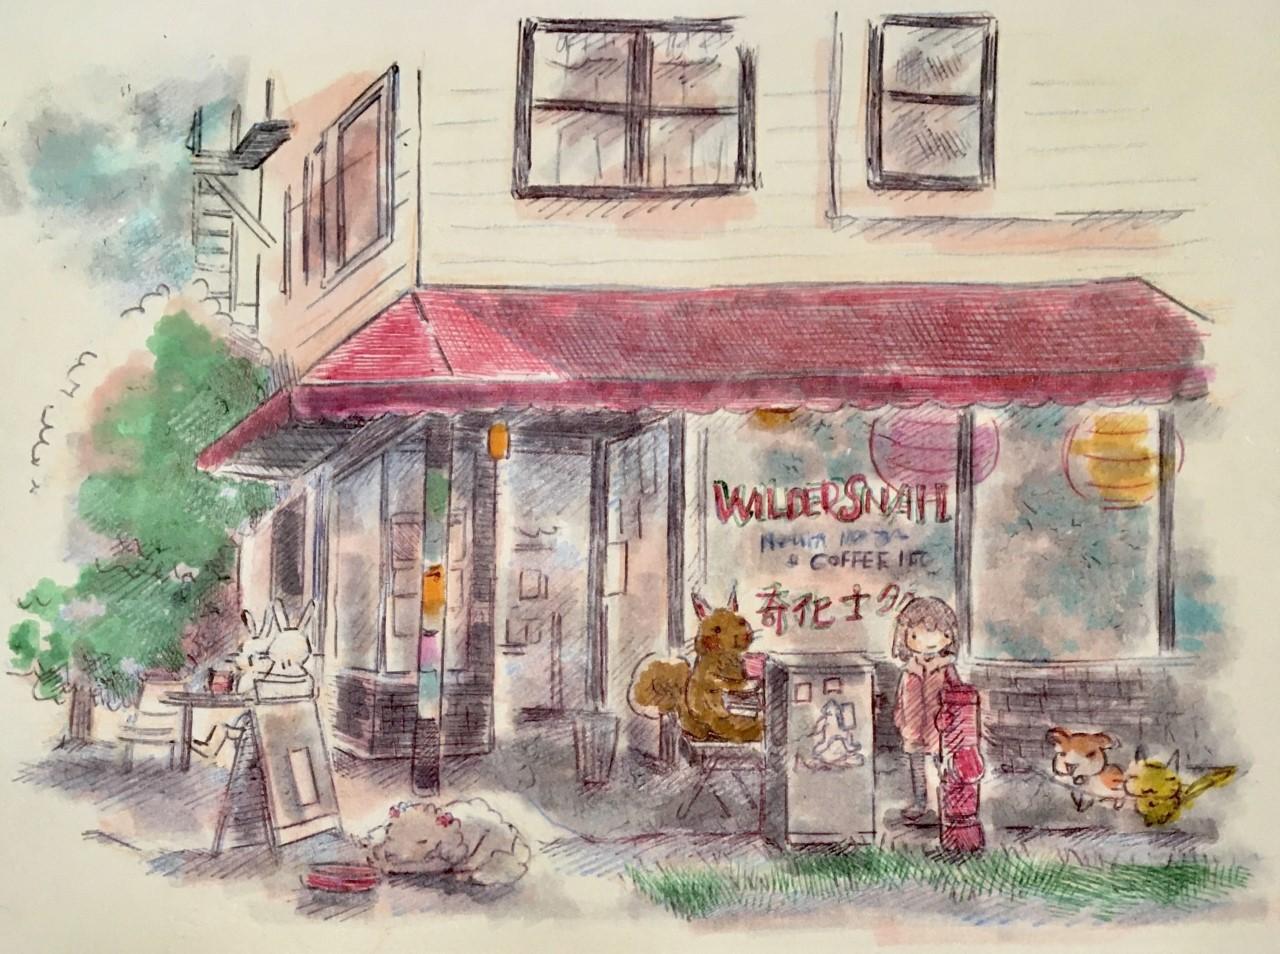 Wilder Snail Neighbourhood Cafe, Strathc